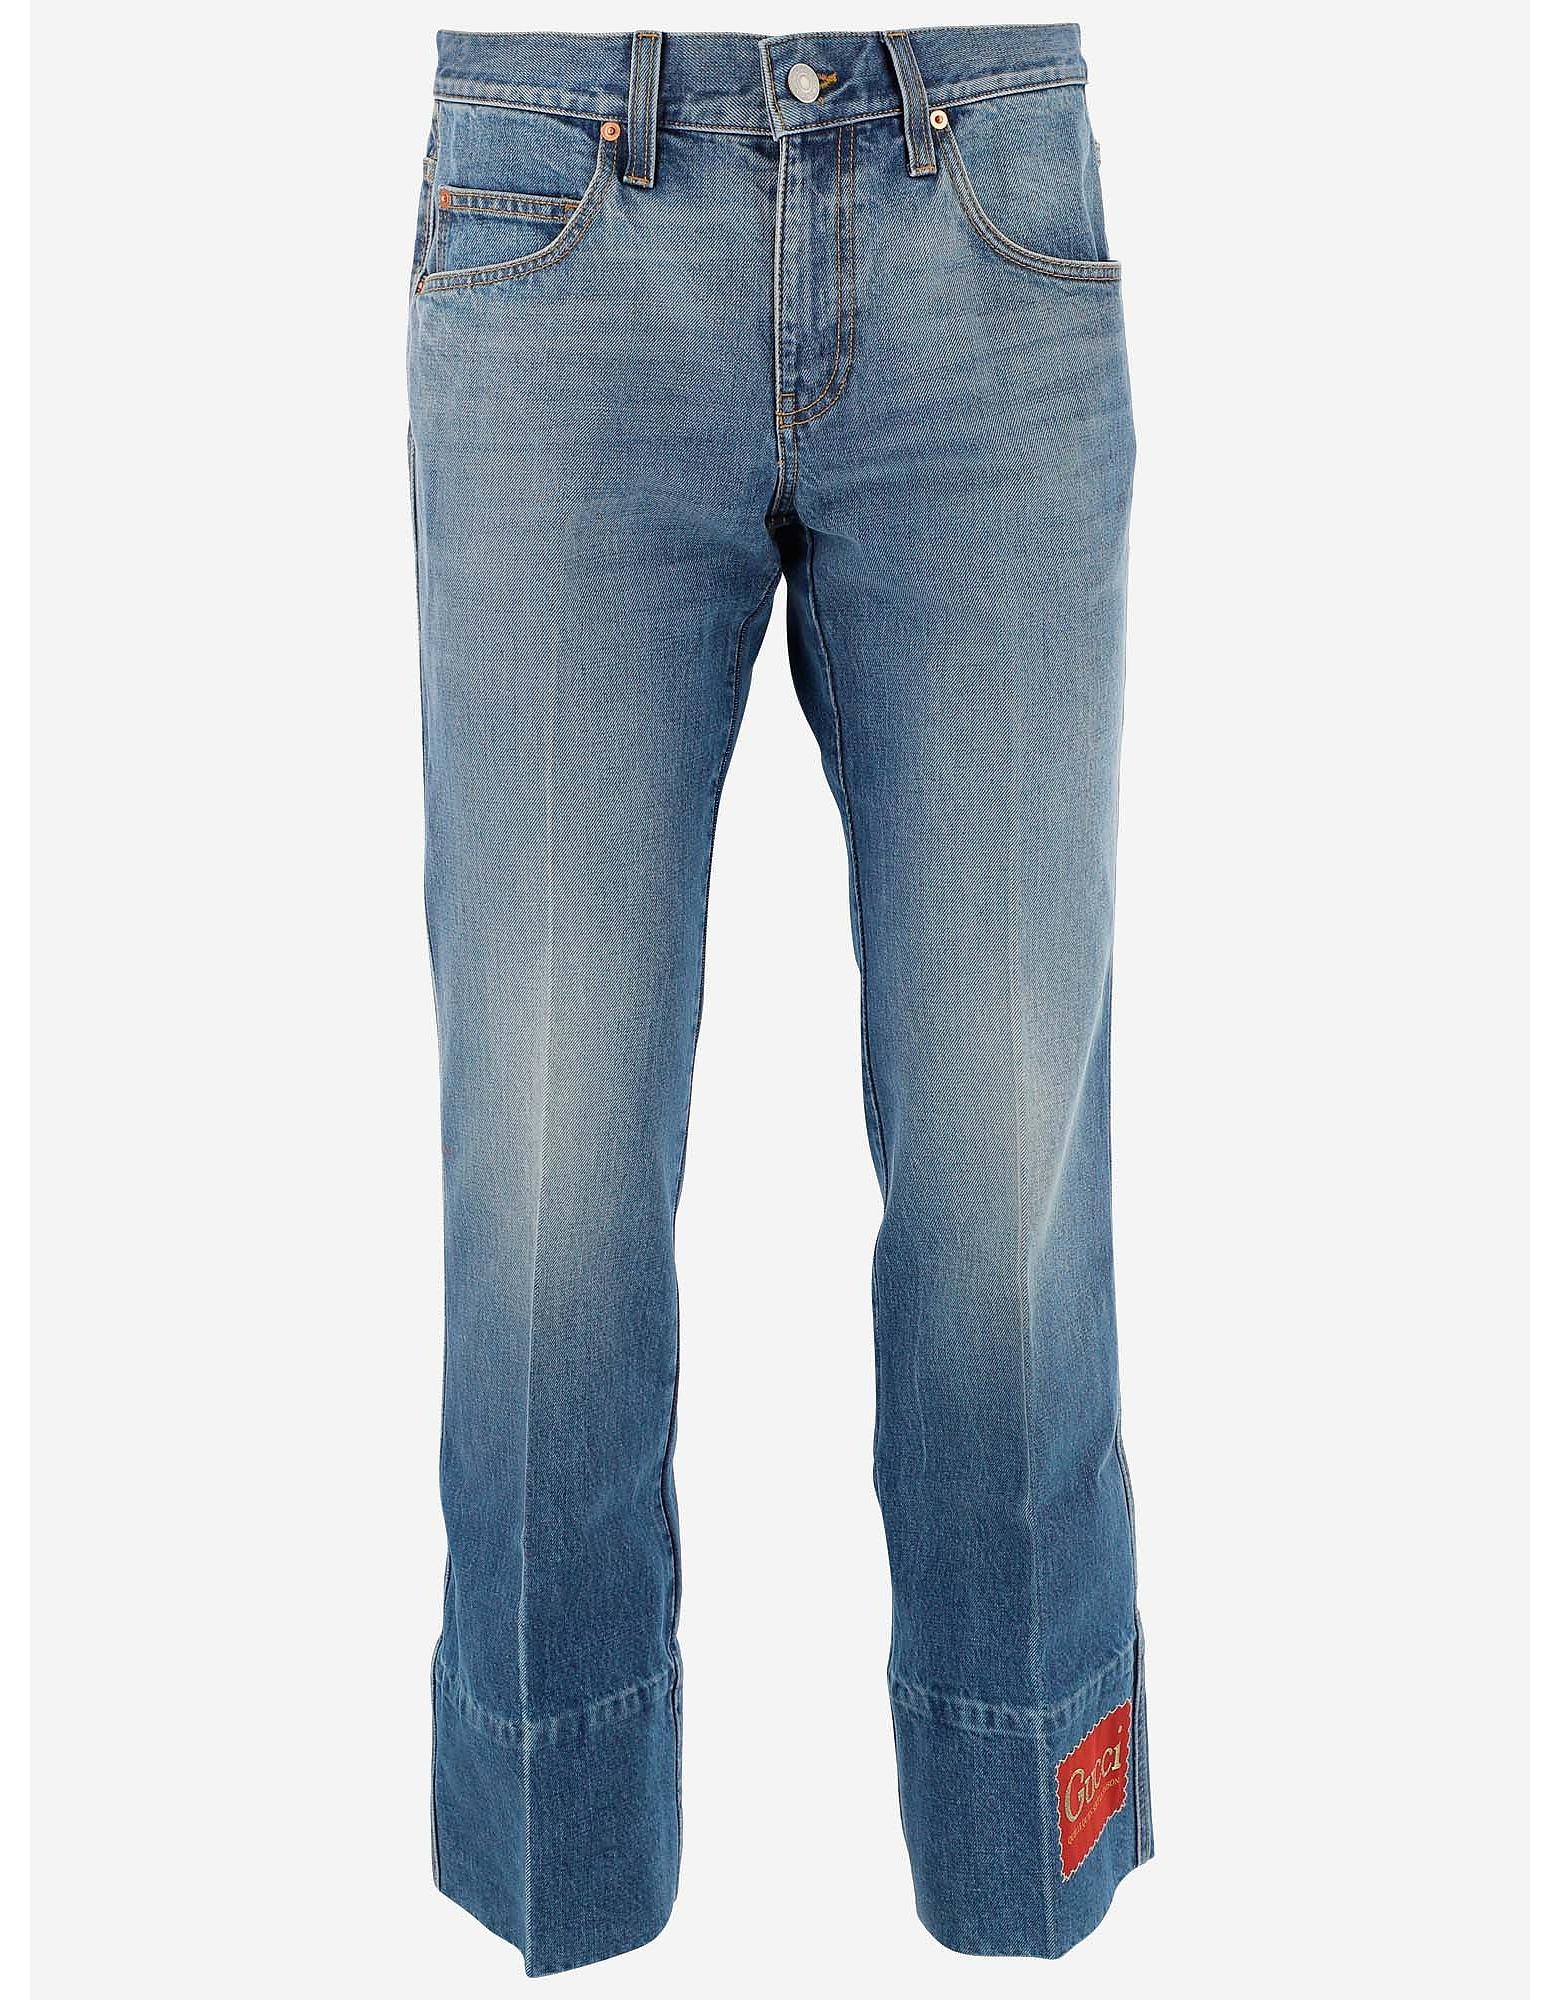 Gucci Designer Jeans, Washed Effect Cotton Denim Men's Flared jeans